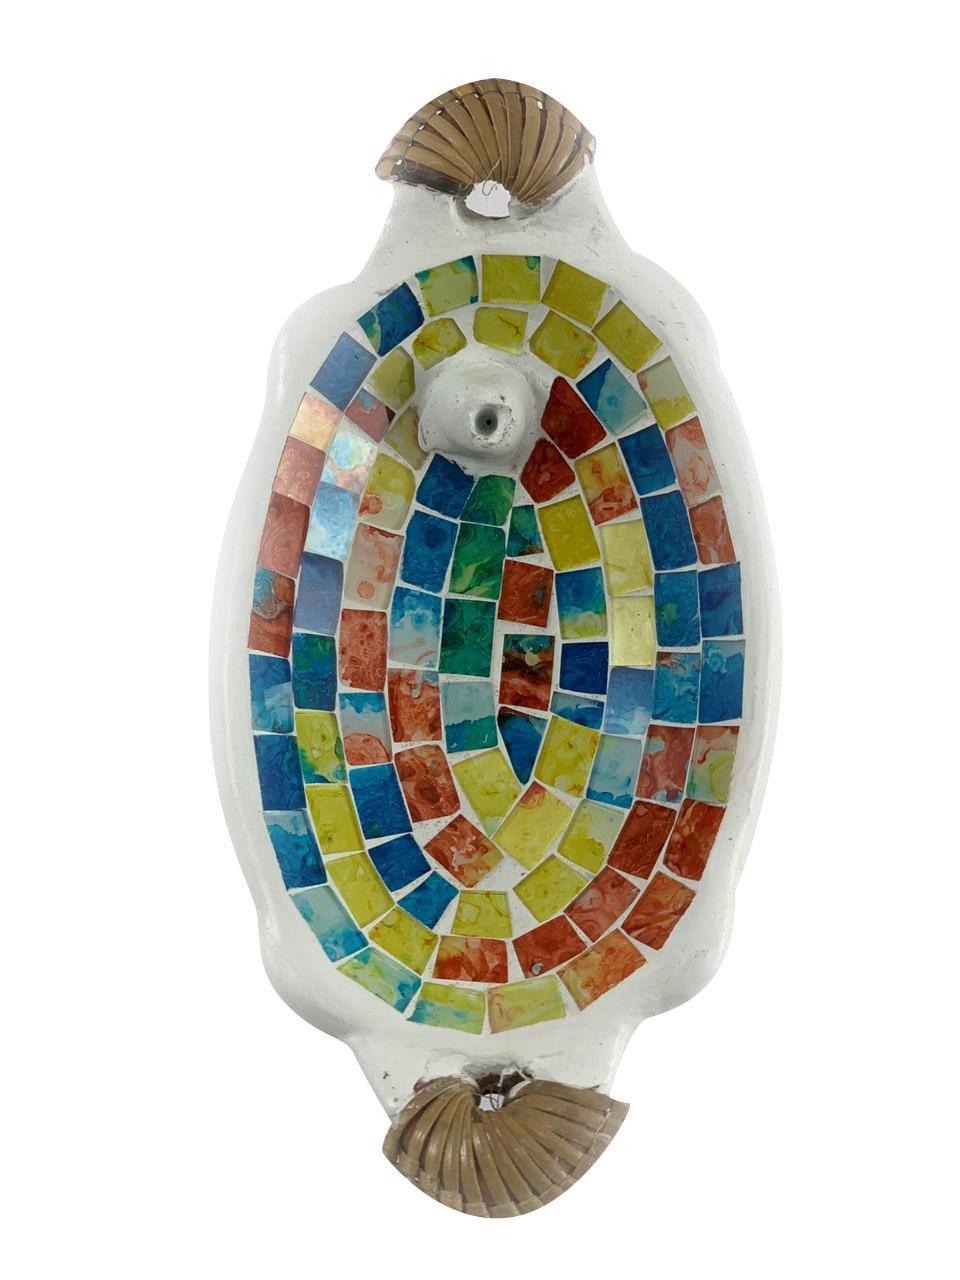 Porta Incensos Oval em Cerâmica com Mosaico Colorido e Rattan